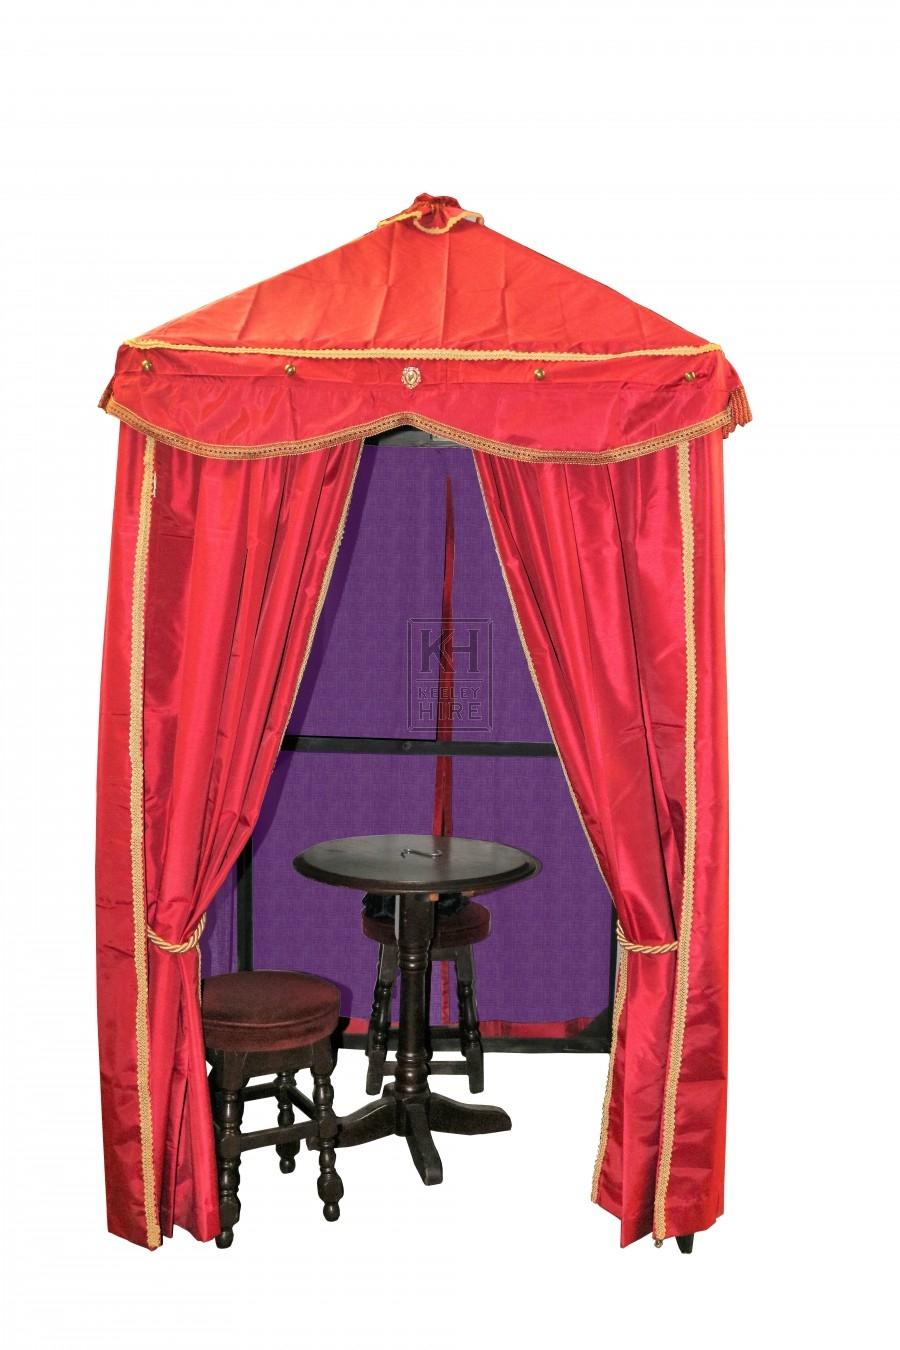 Fortune tellers tent - medium